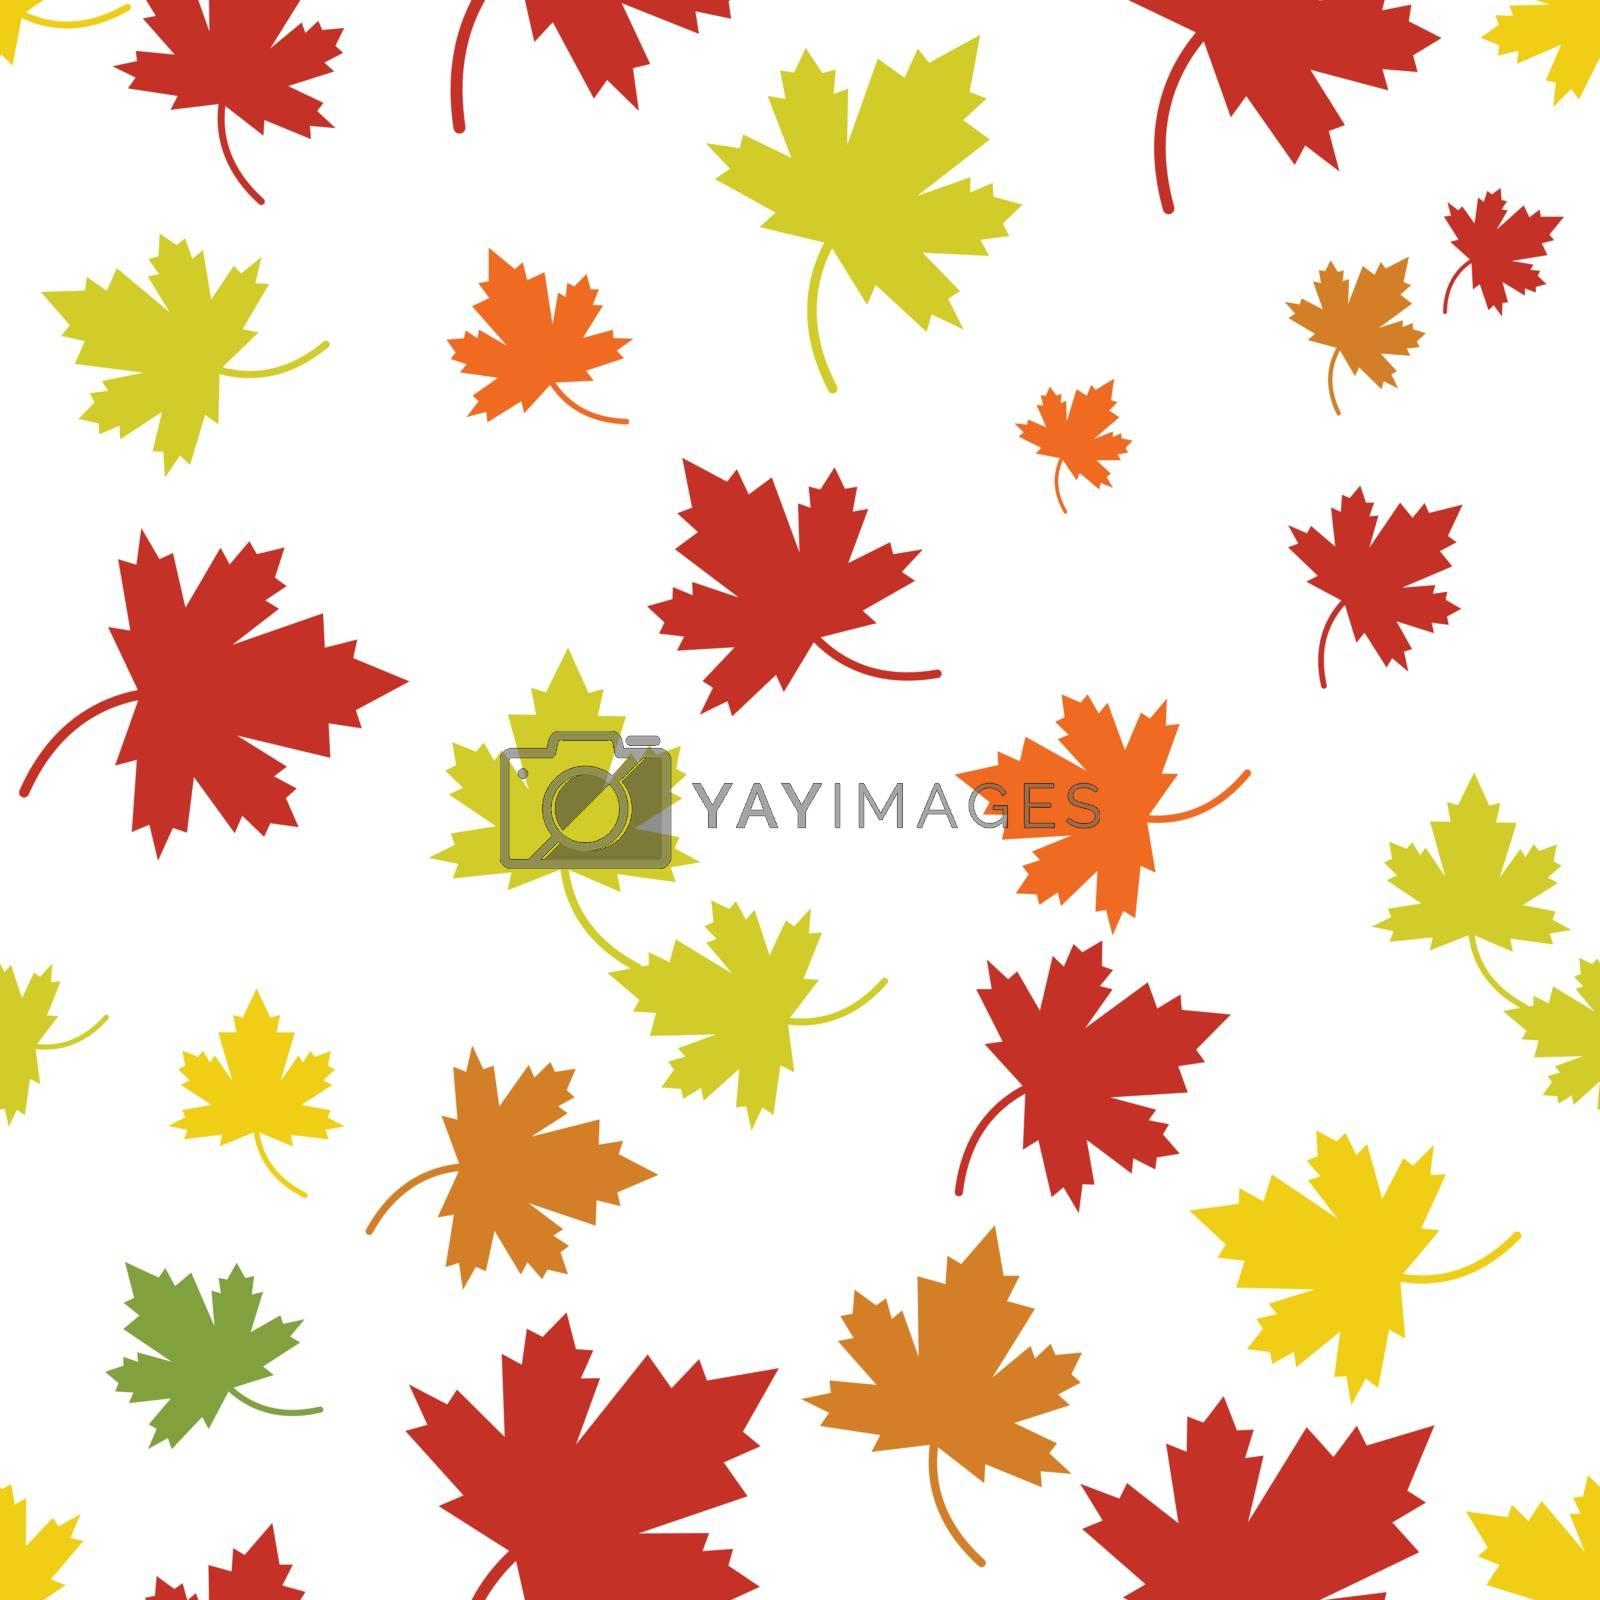 Maple leaf vector illustration design template